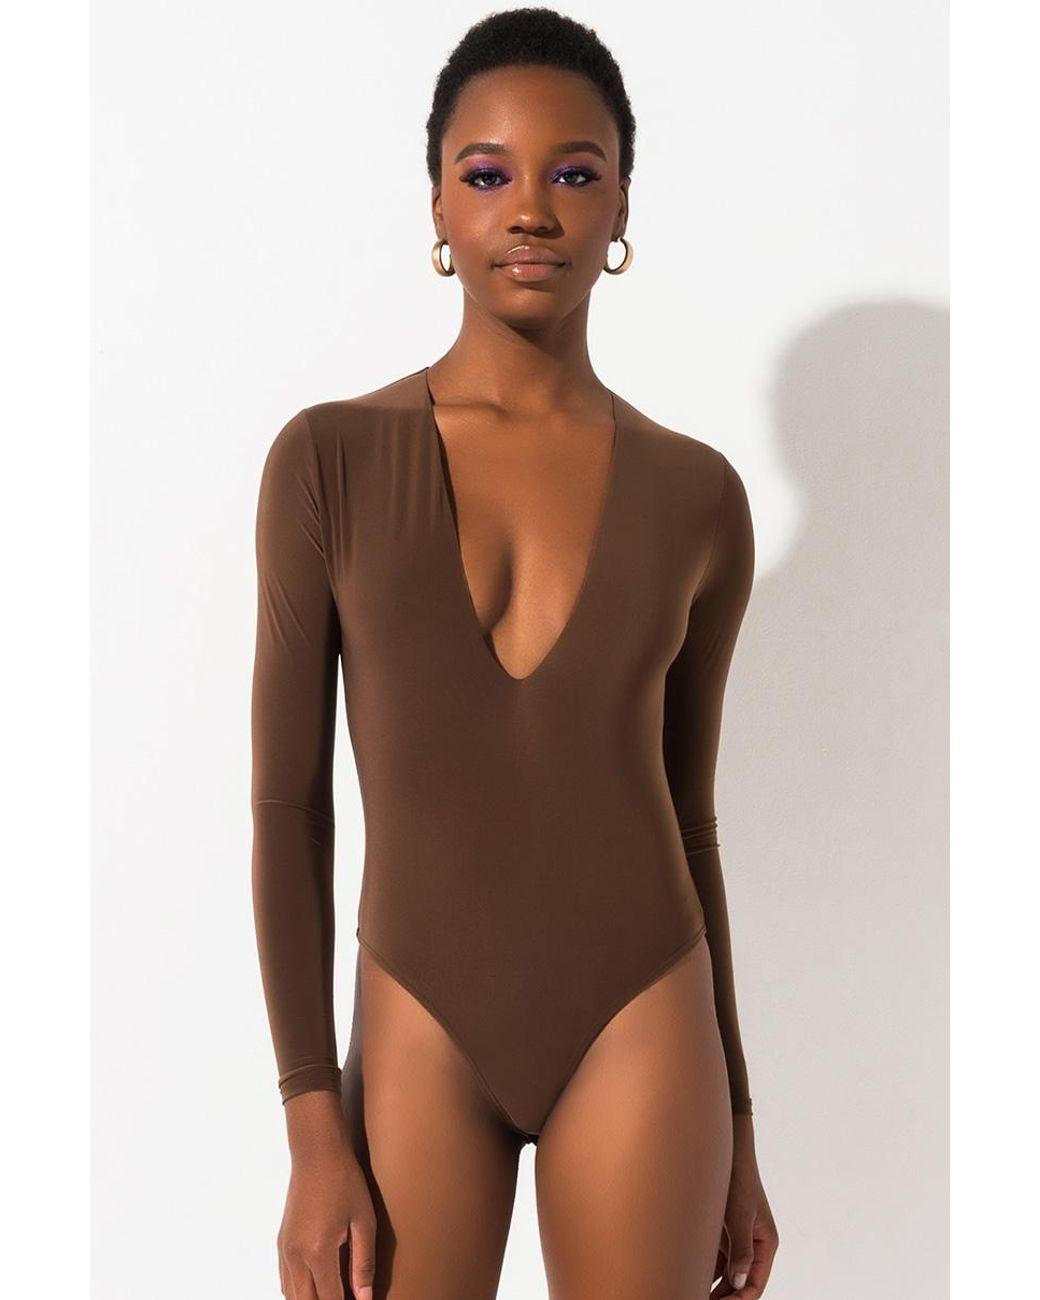 WSPLYSPJY Women Fashion Long Sleeve V-Neck Ribbed Stretchy Bodysuit Leotard Tops